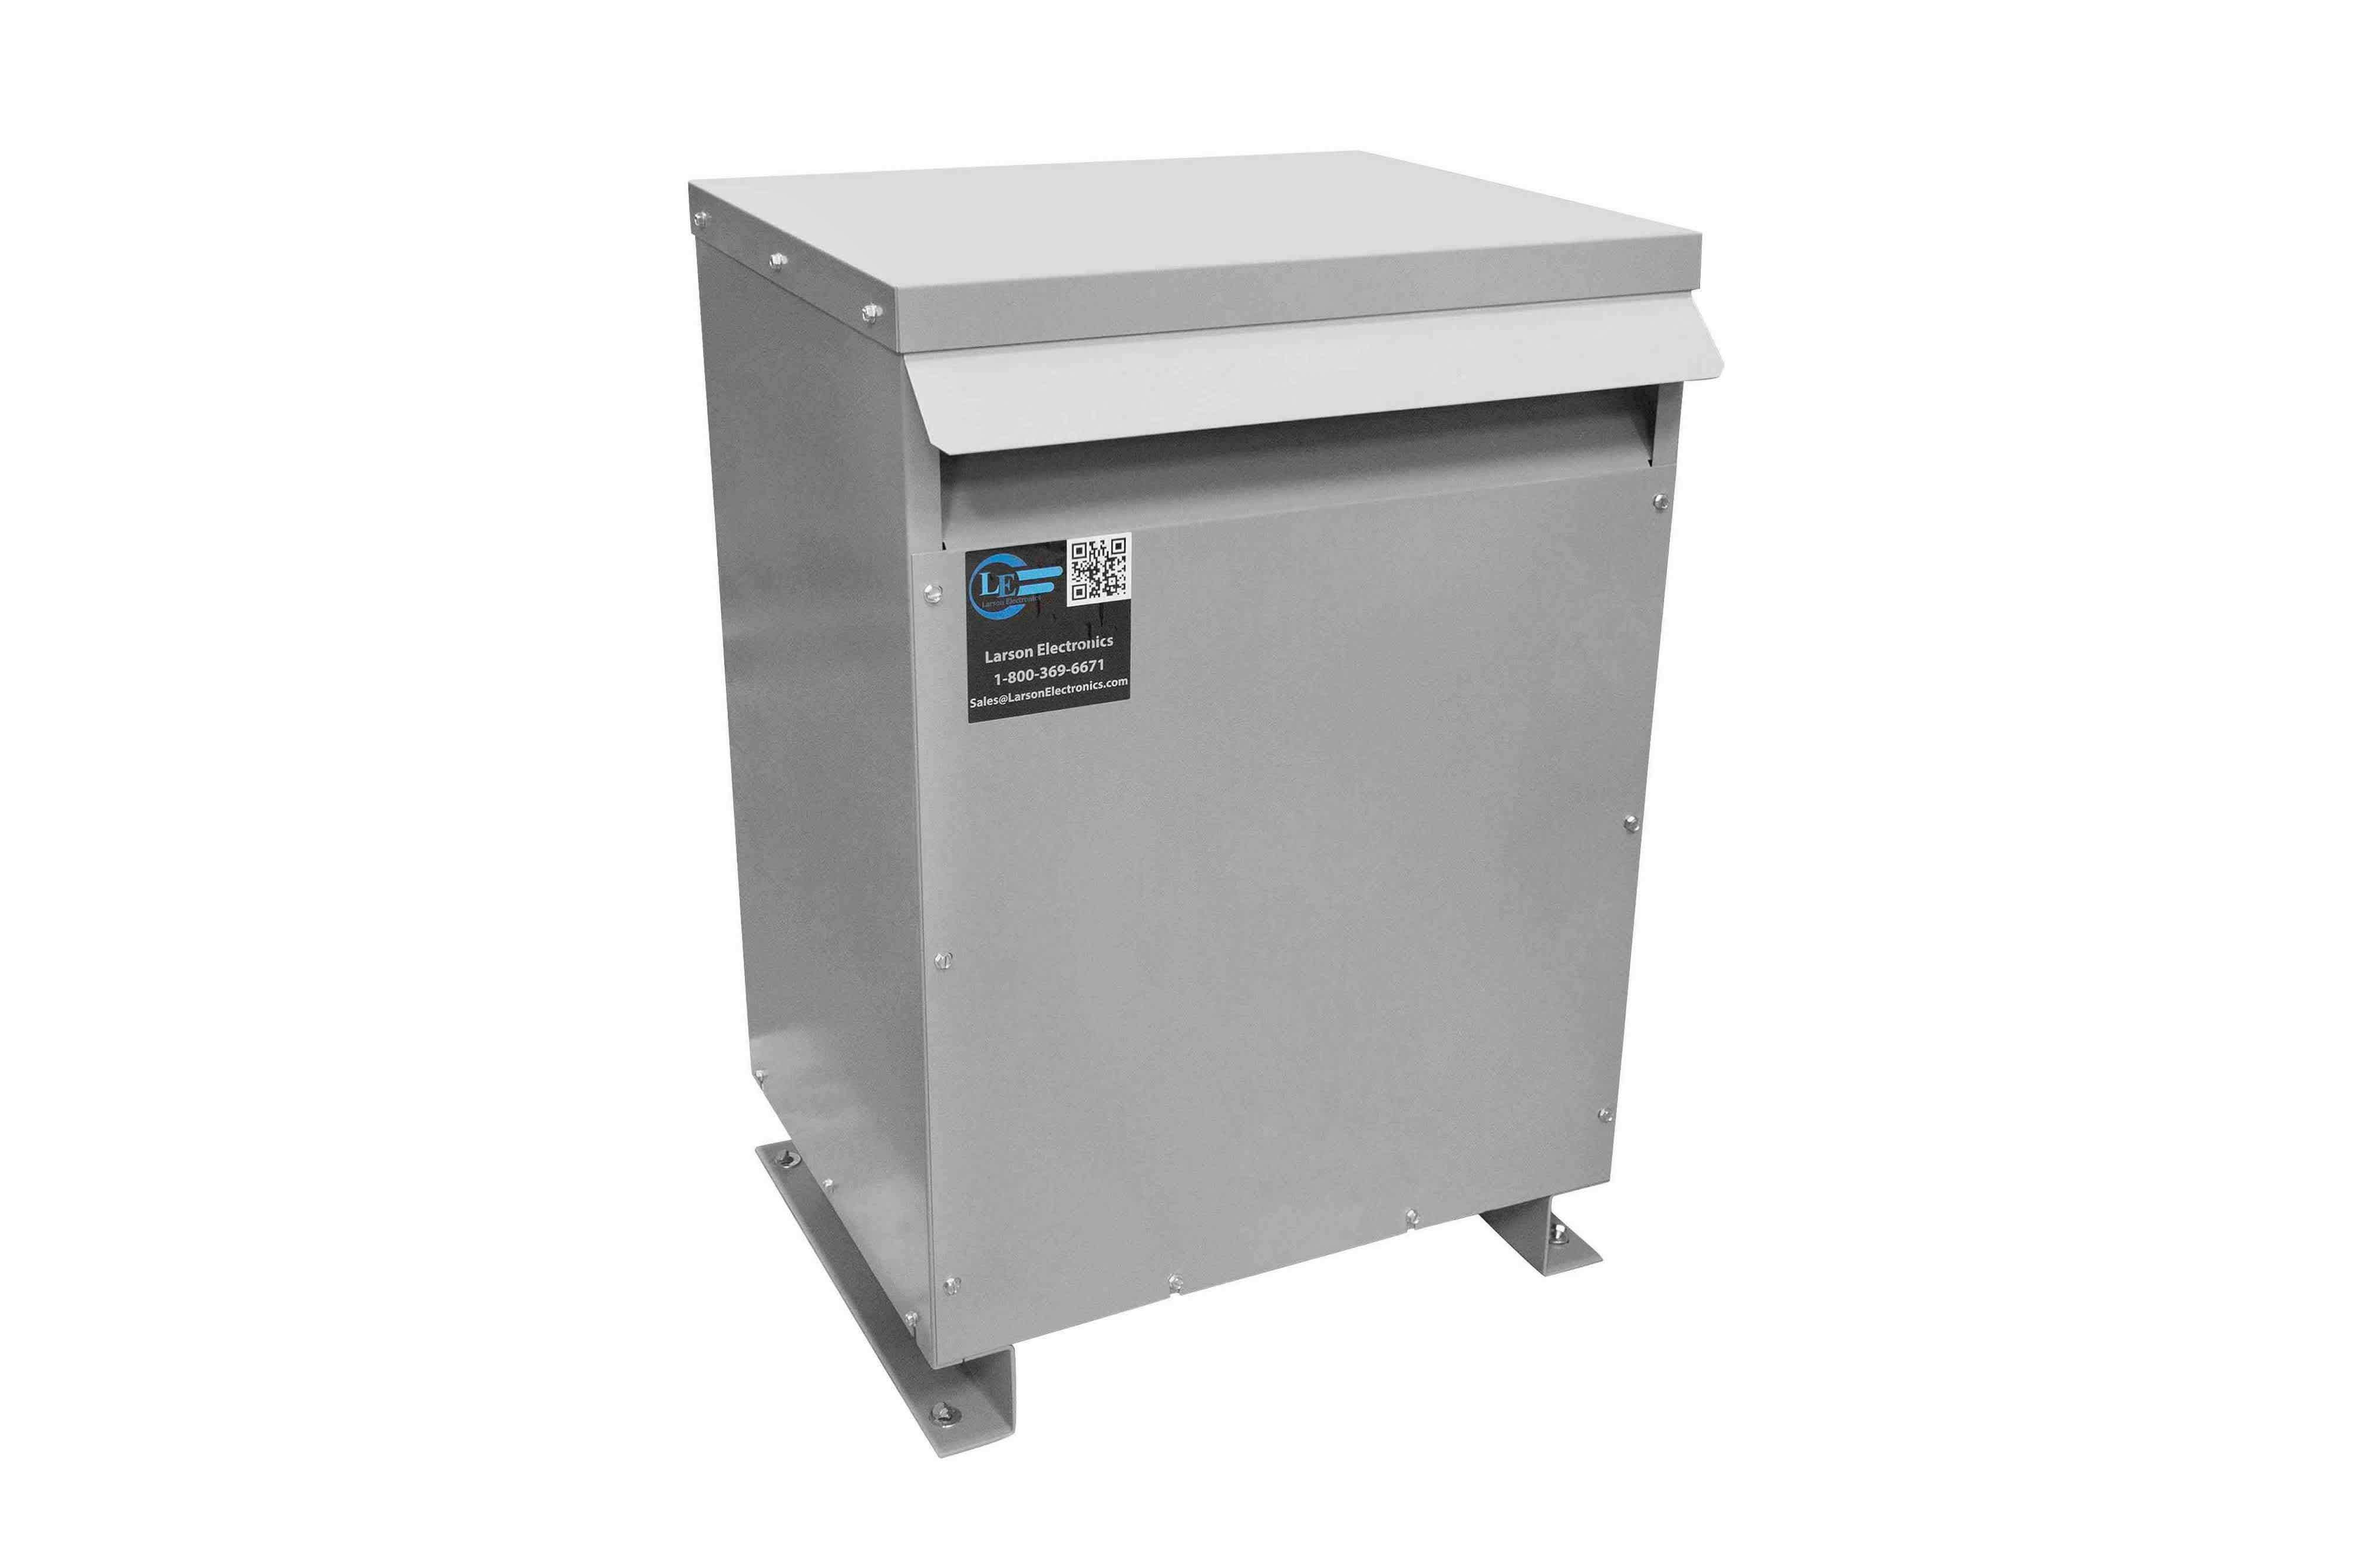 32.5 kVA 3PH Isolation Transformer, 460V Delta Primary, 600V Delta Secondary, N3R, Ventilated, 60 Hz